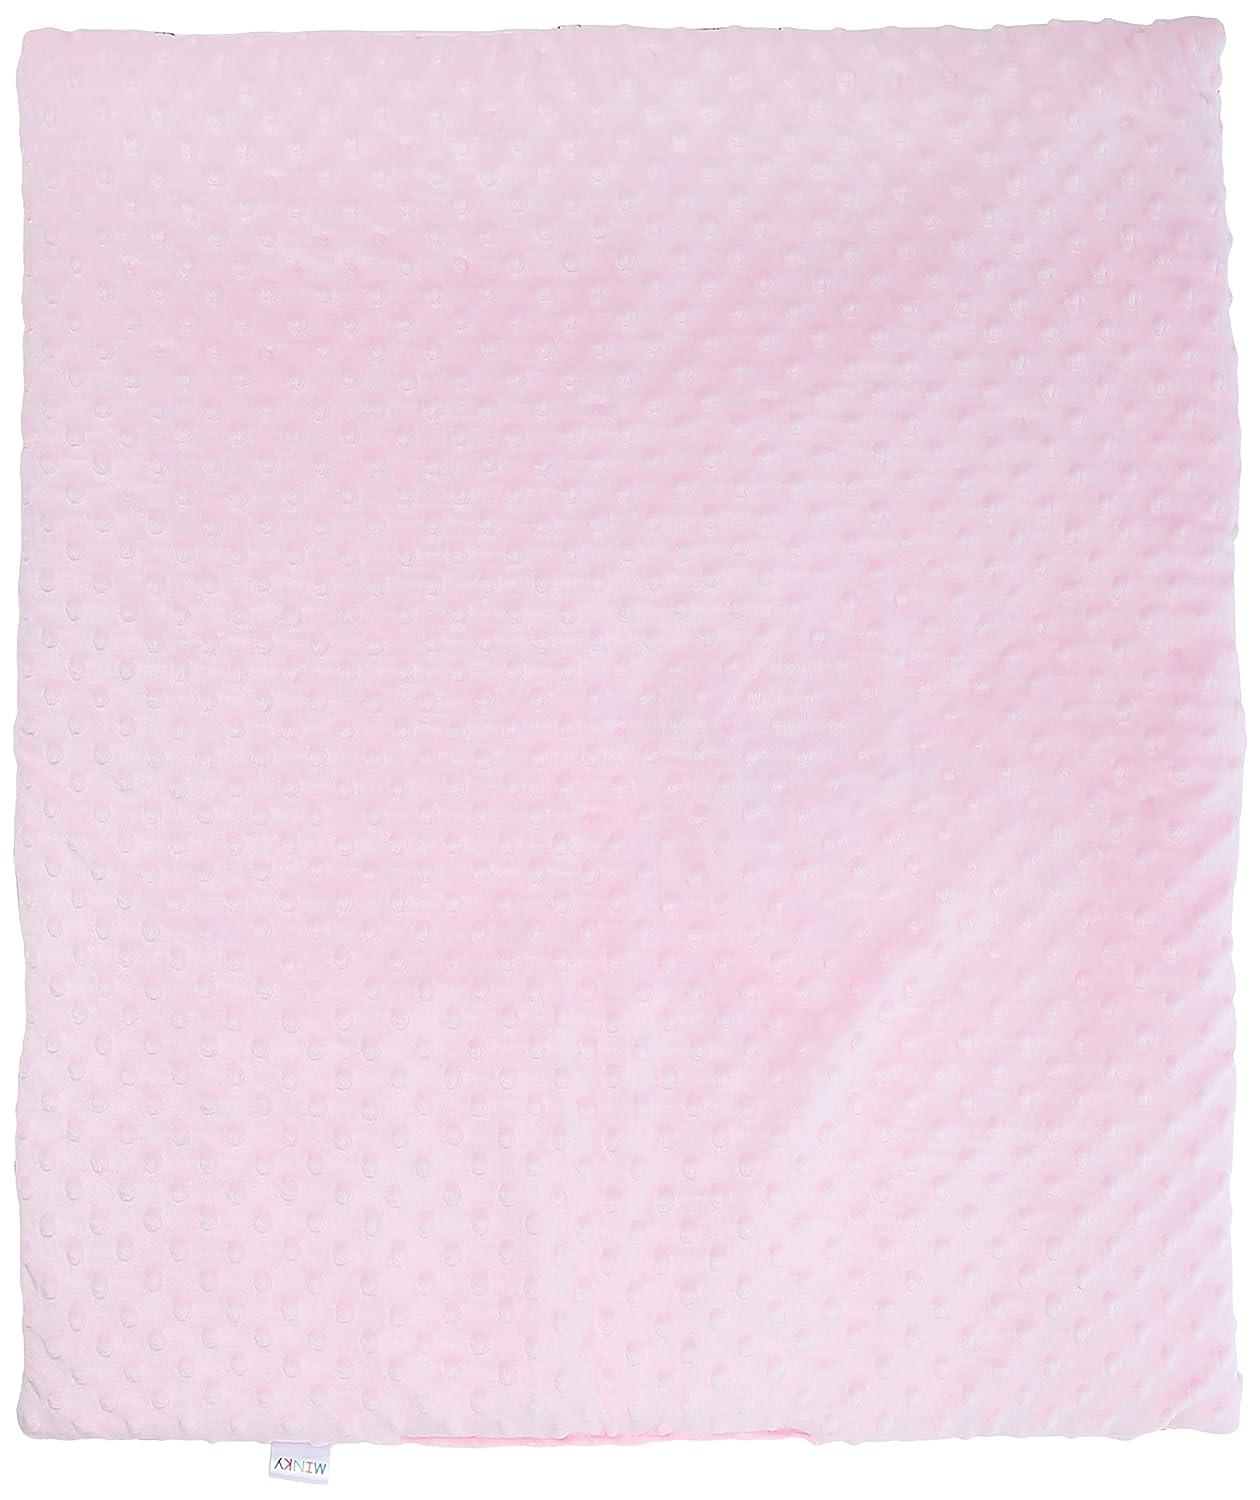 blueberryshop Reversible Minky algodón edredón y almohada juego para cochecito de bebé/Cuna/Moisés, Rosa, 2 piezas: Amazon.es: Bebé